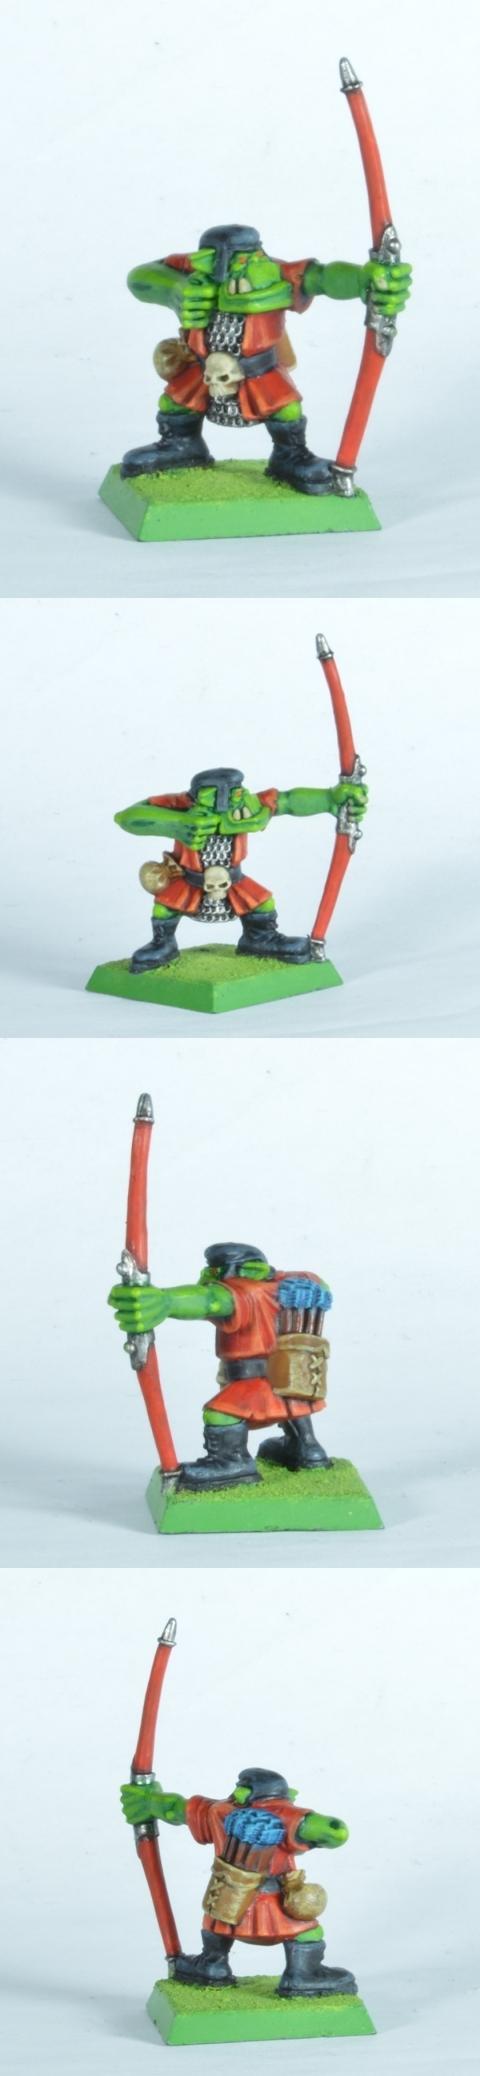 Arrow Boy, Goblin Green Base, Orcs, Retro